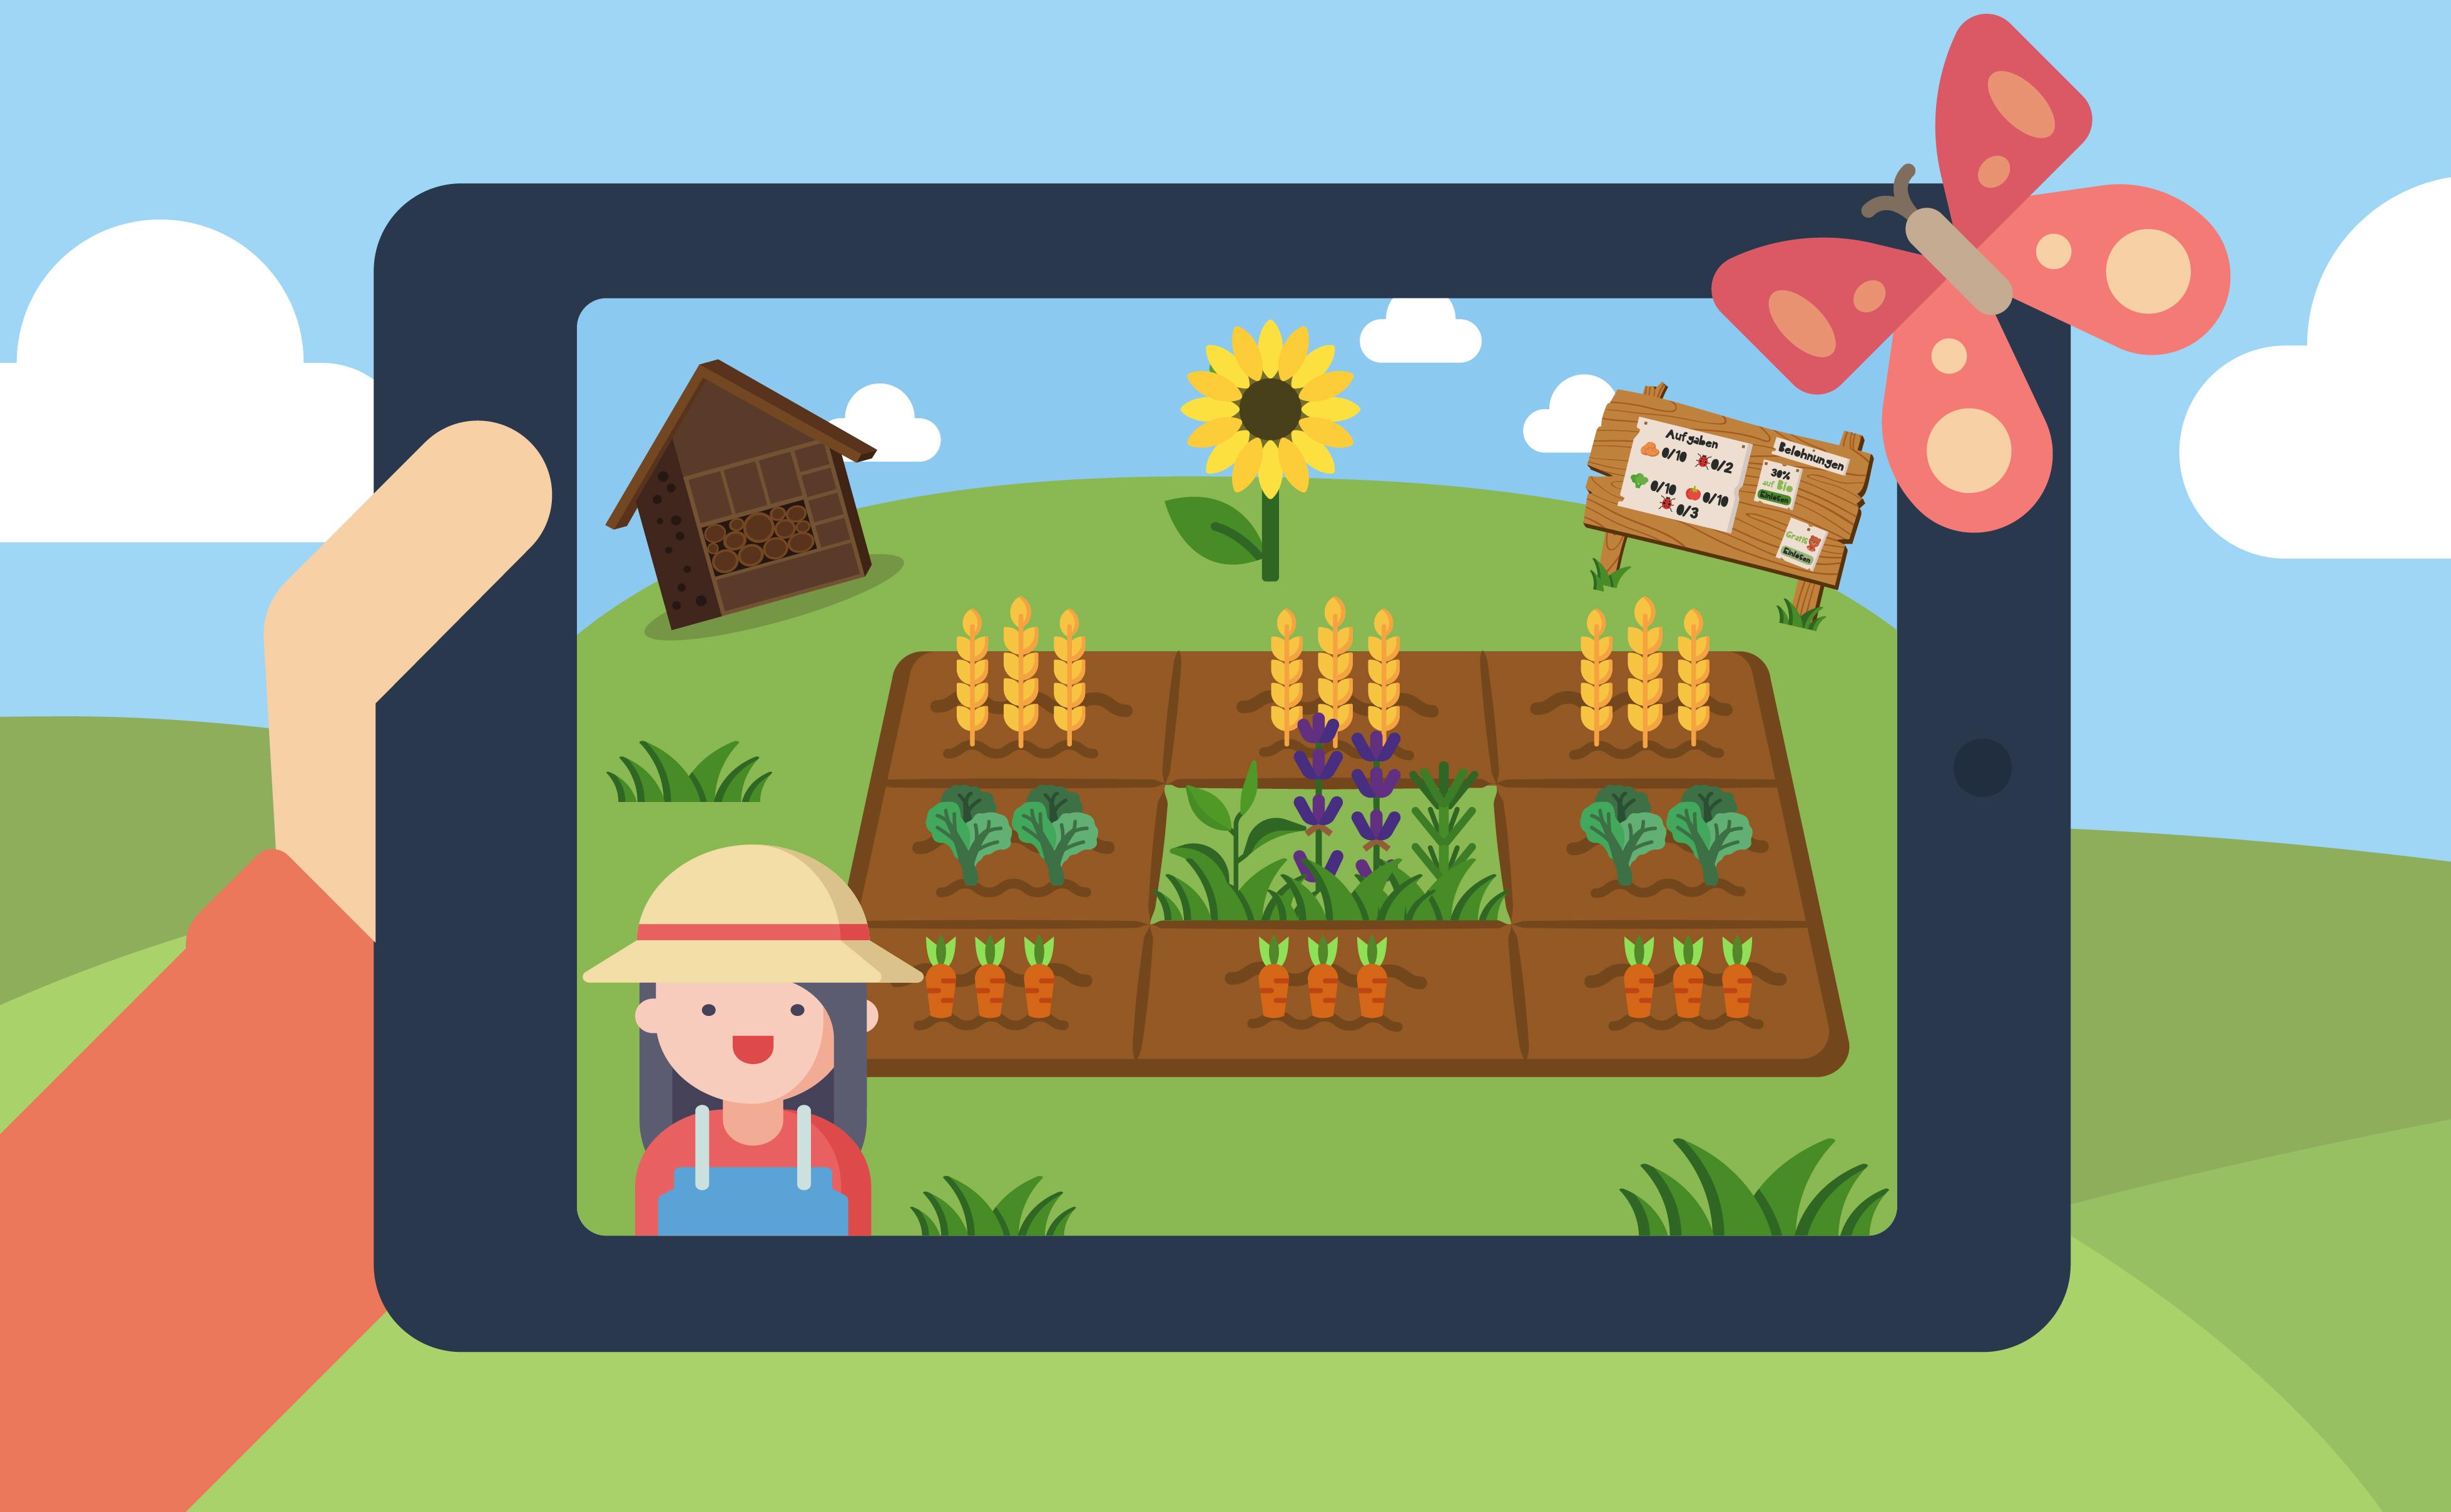 """Ansicht der Simulation von """"Das kleine Krabbeln"""" auf einem iPad. Auf dem iPad erkennt man einen Acker auf dem Karotten, Salat und Weizen angepflanzt ist. Im Vordergrund steht eine Bäuerin. Im Hintergrnd befindet sich ein Insektenhotel und ein Schild mit Aufgaben."""